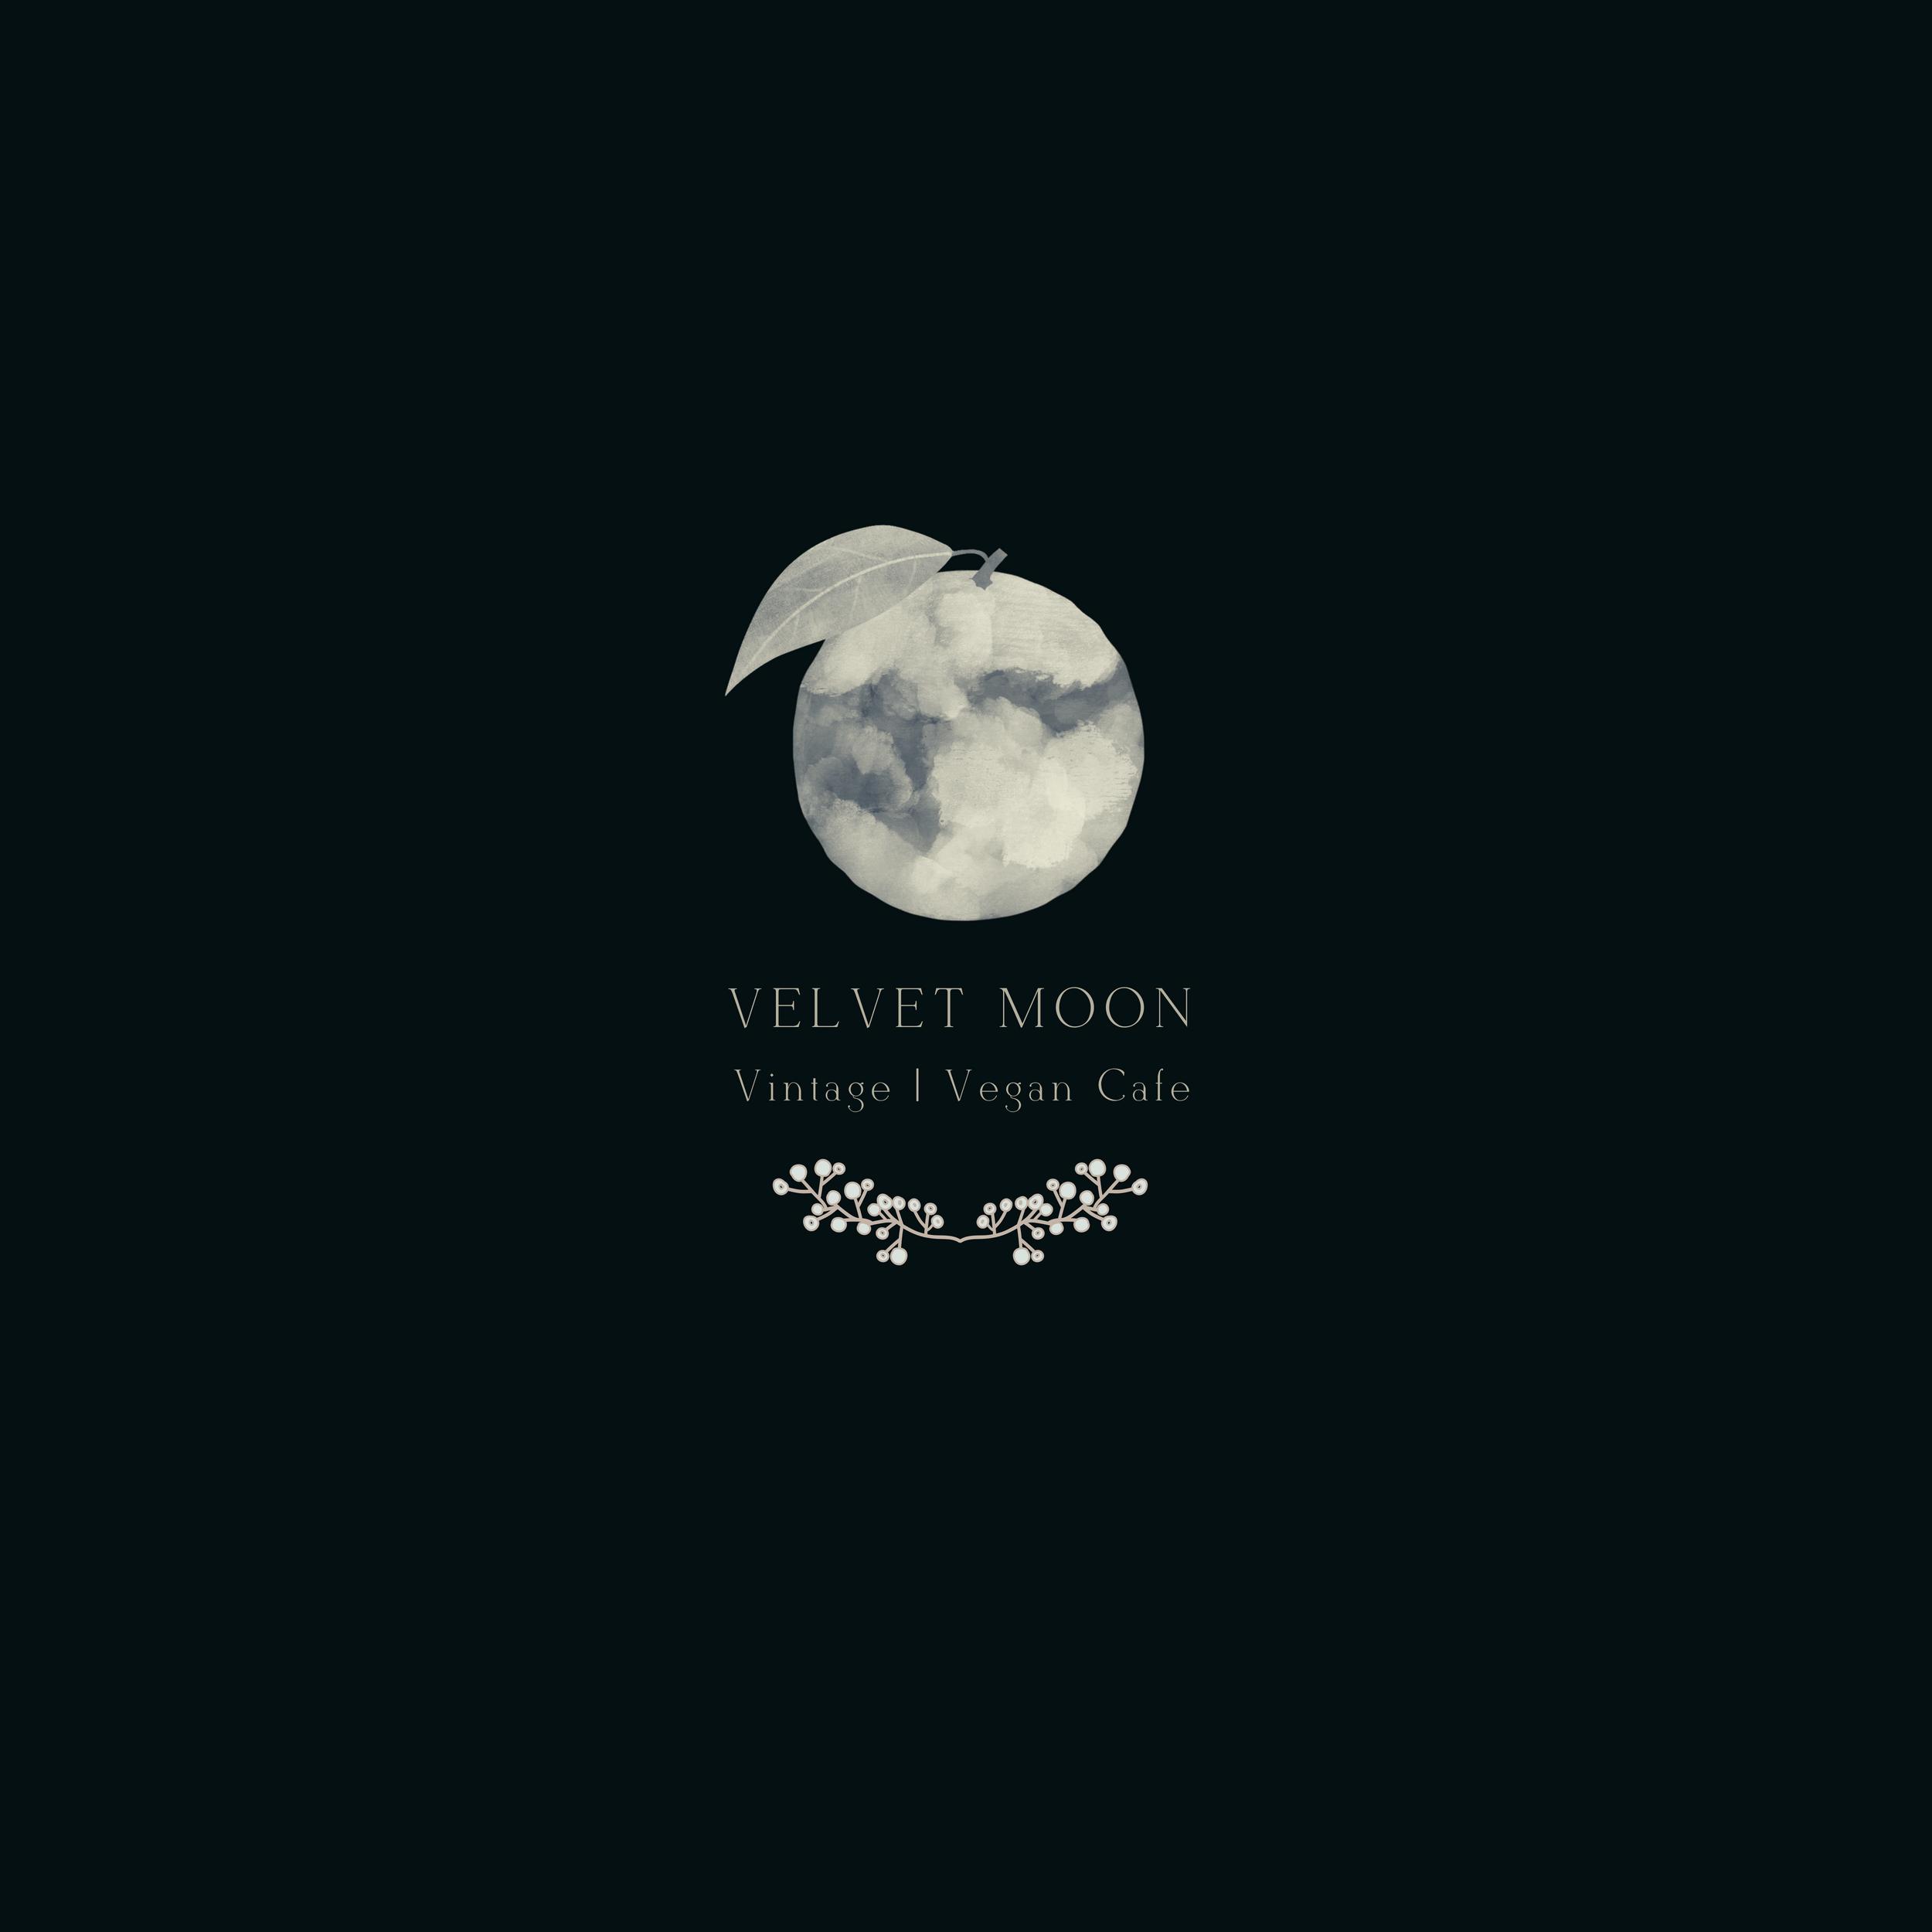 velvet_moon_v2.jpg